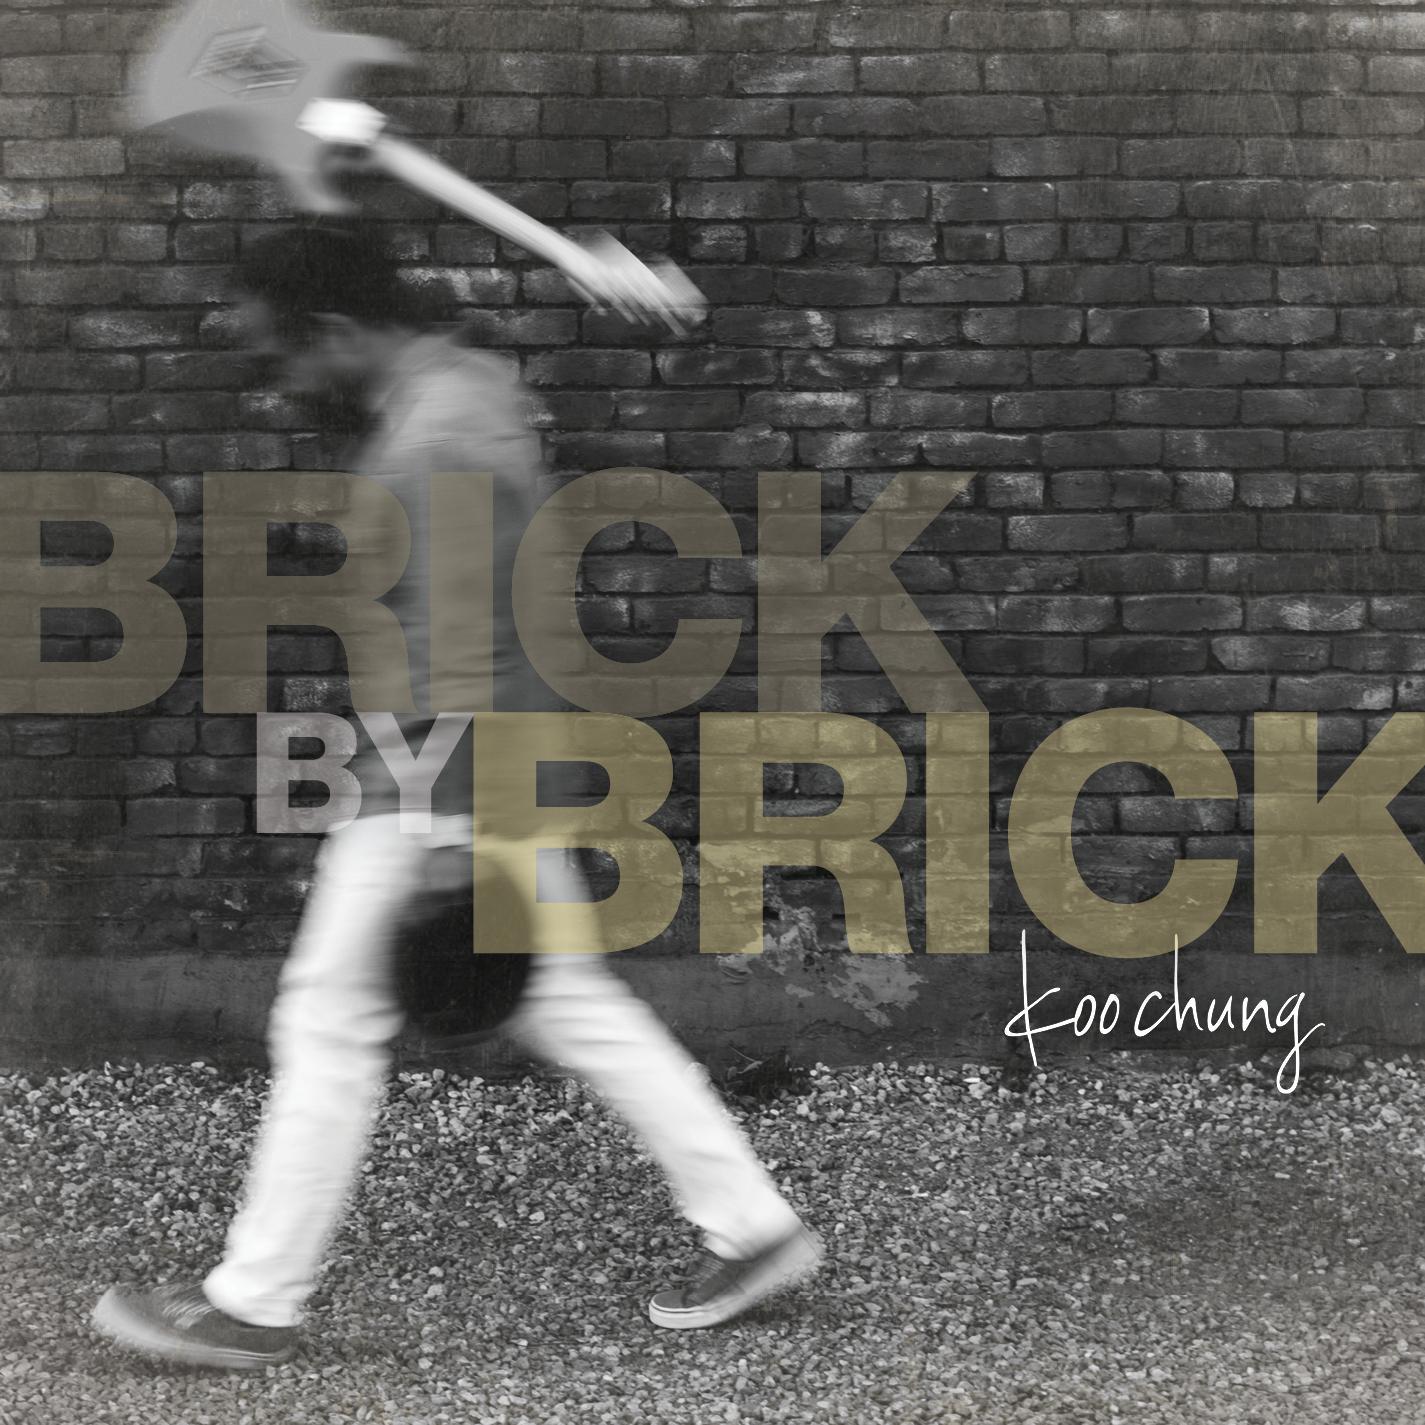 Brick by Brick - Koo Chung